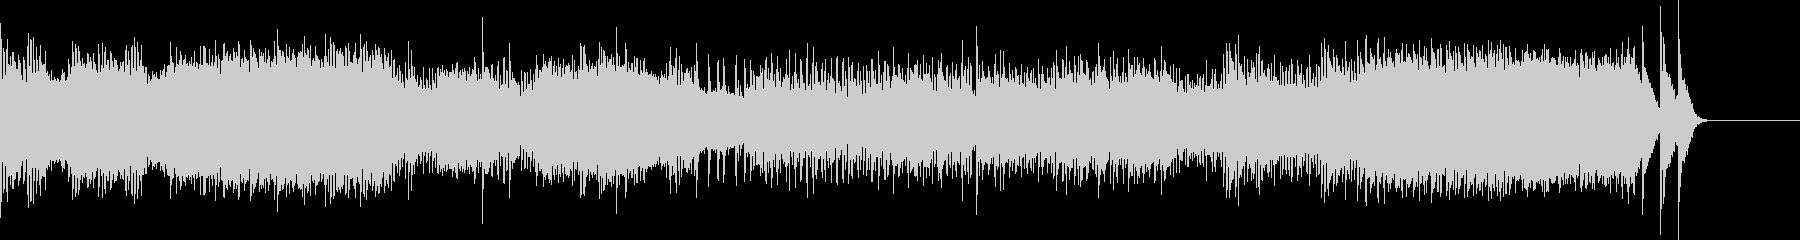 ラフマニノフ シンフォニックダンスよりの未再生の波形